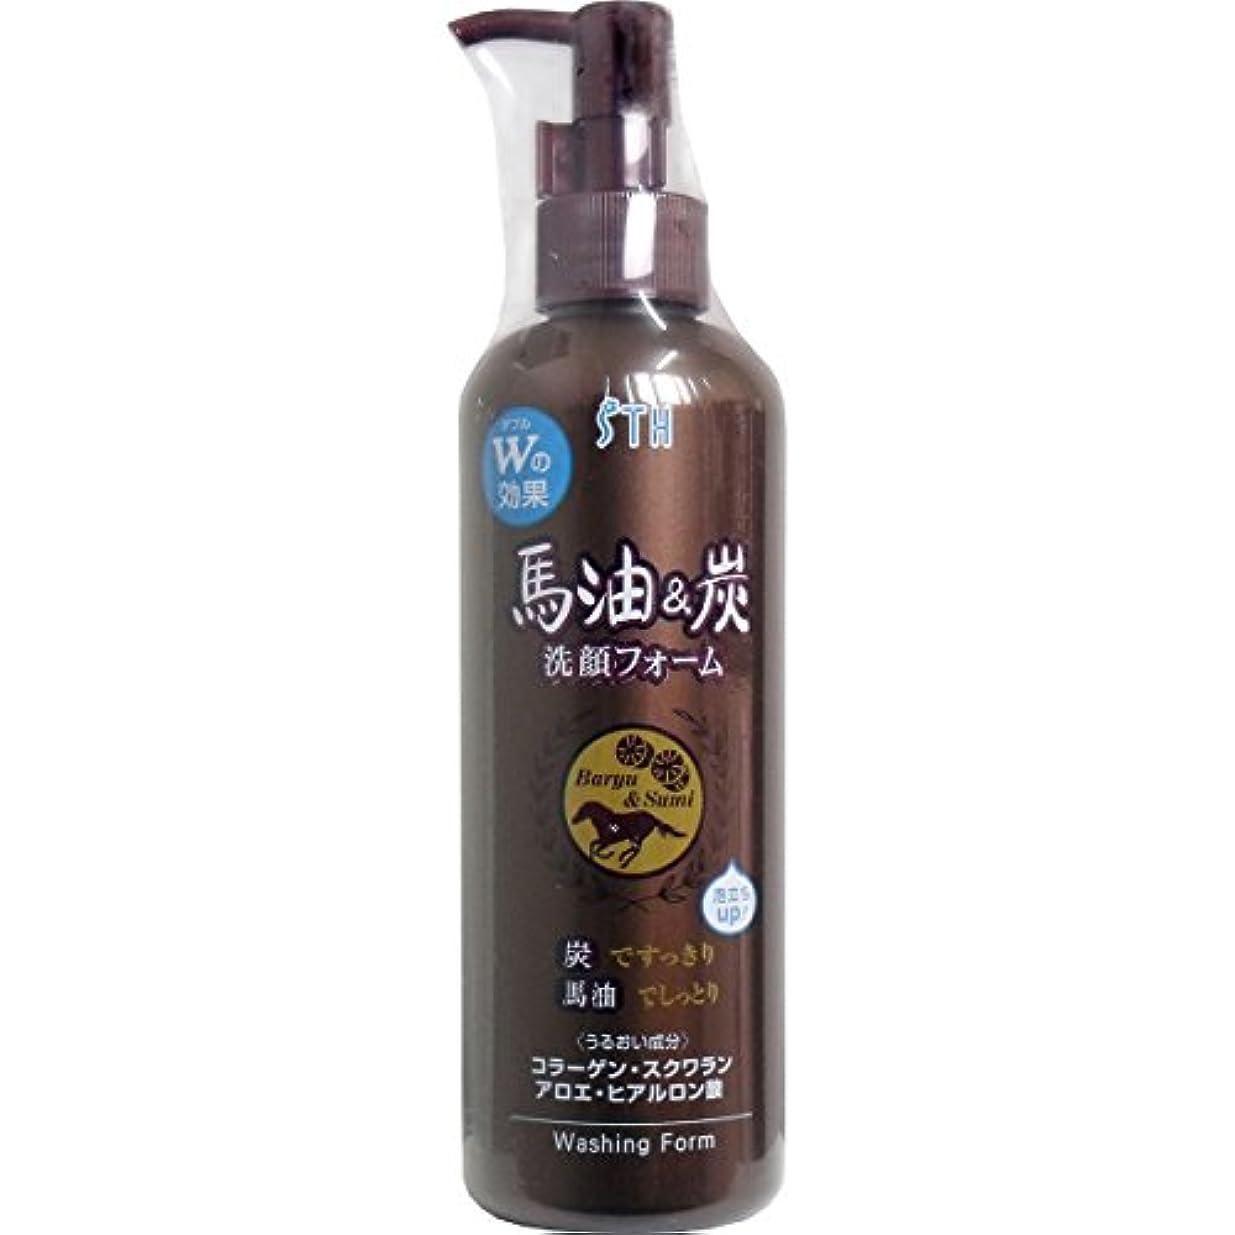 本温かい頑張る馬油&炭 洗顔フォーム【1本】